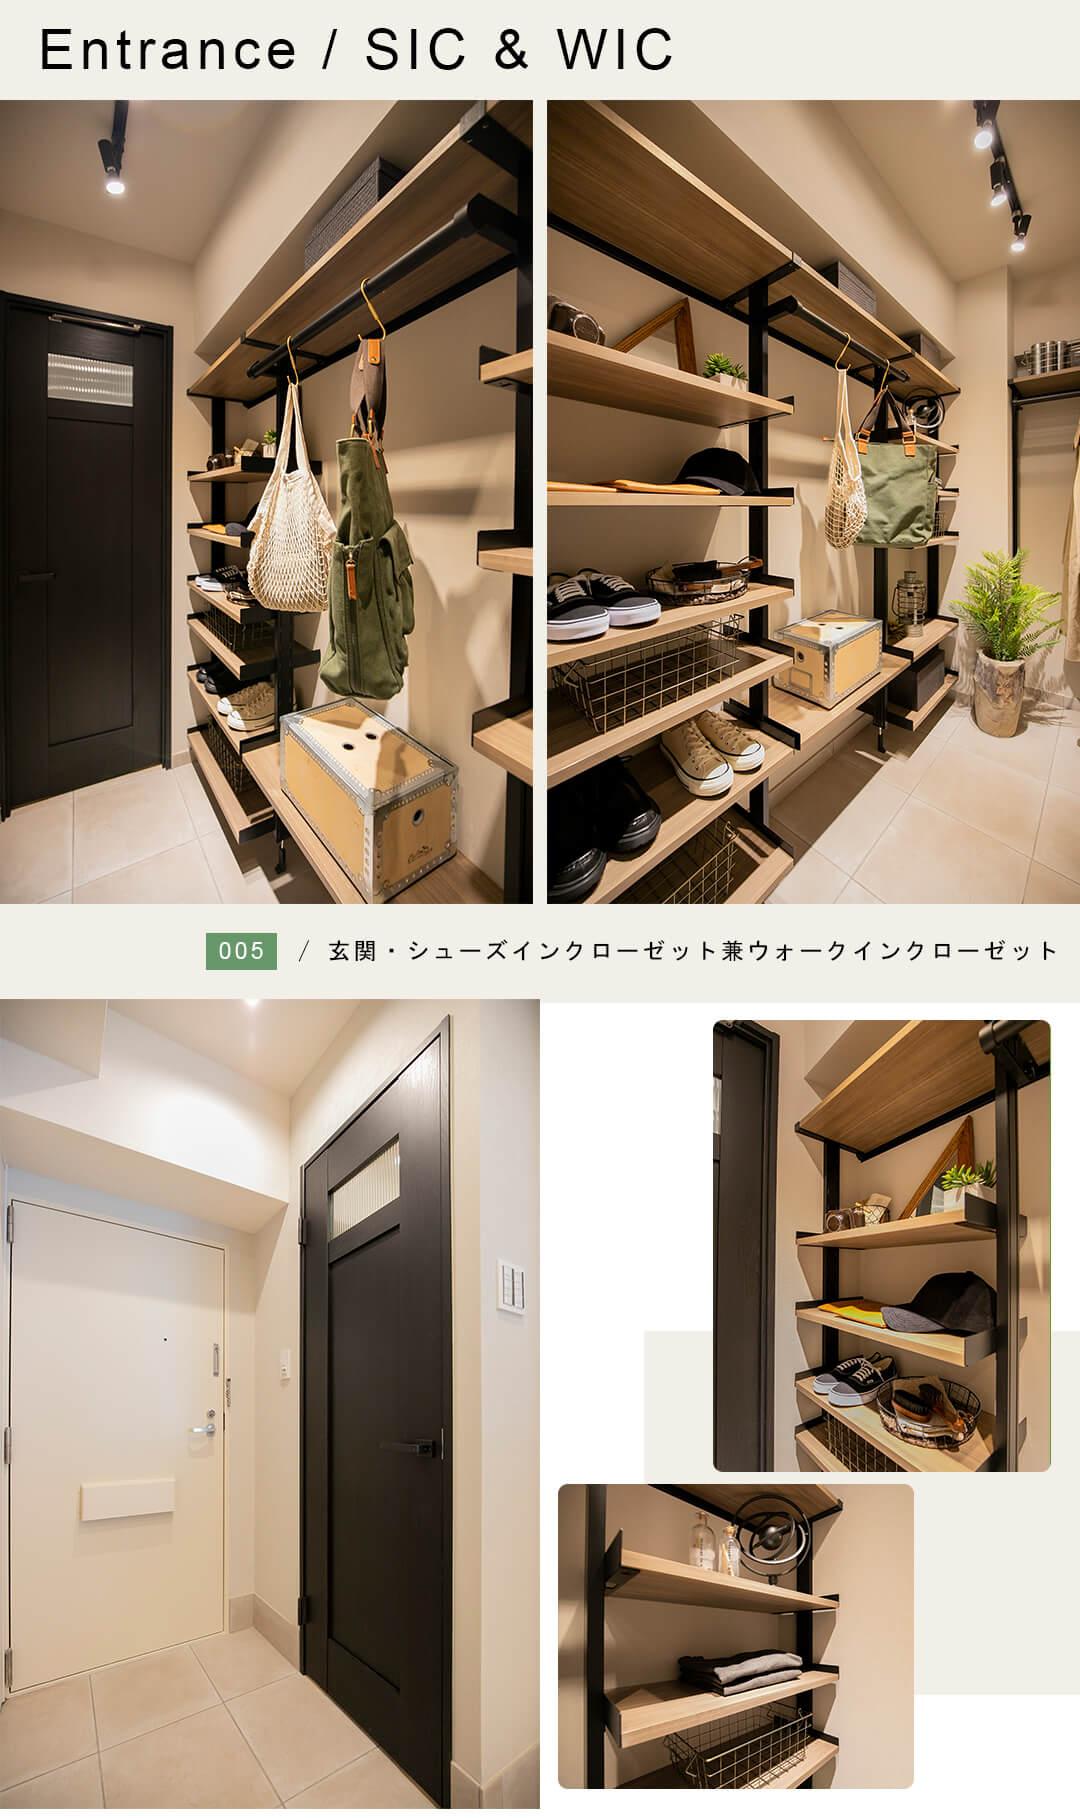 笹塚サンハイツの玄関とシューズインクローゼット兼ウォークインクローゼット